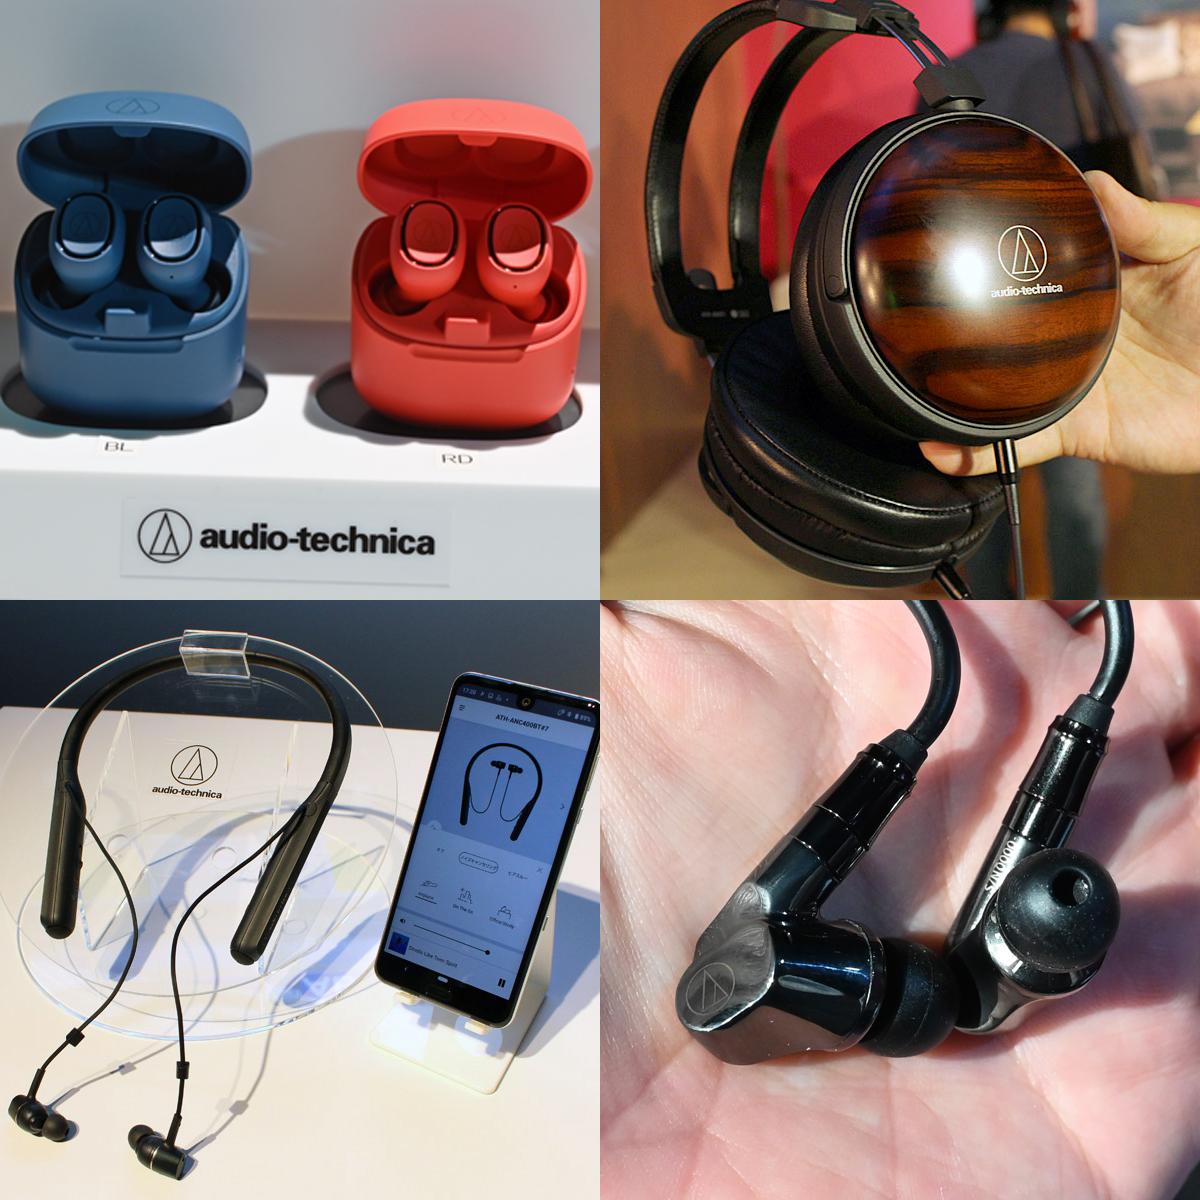 エントリー完全ワイヤレスに伝統のウッドモデルまで!オーディオテクニカ新製品を一挙レポート